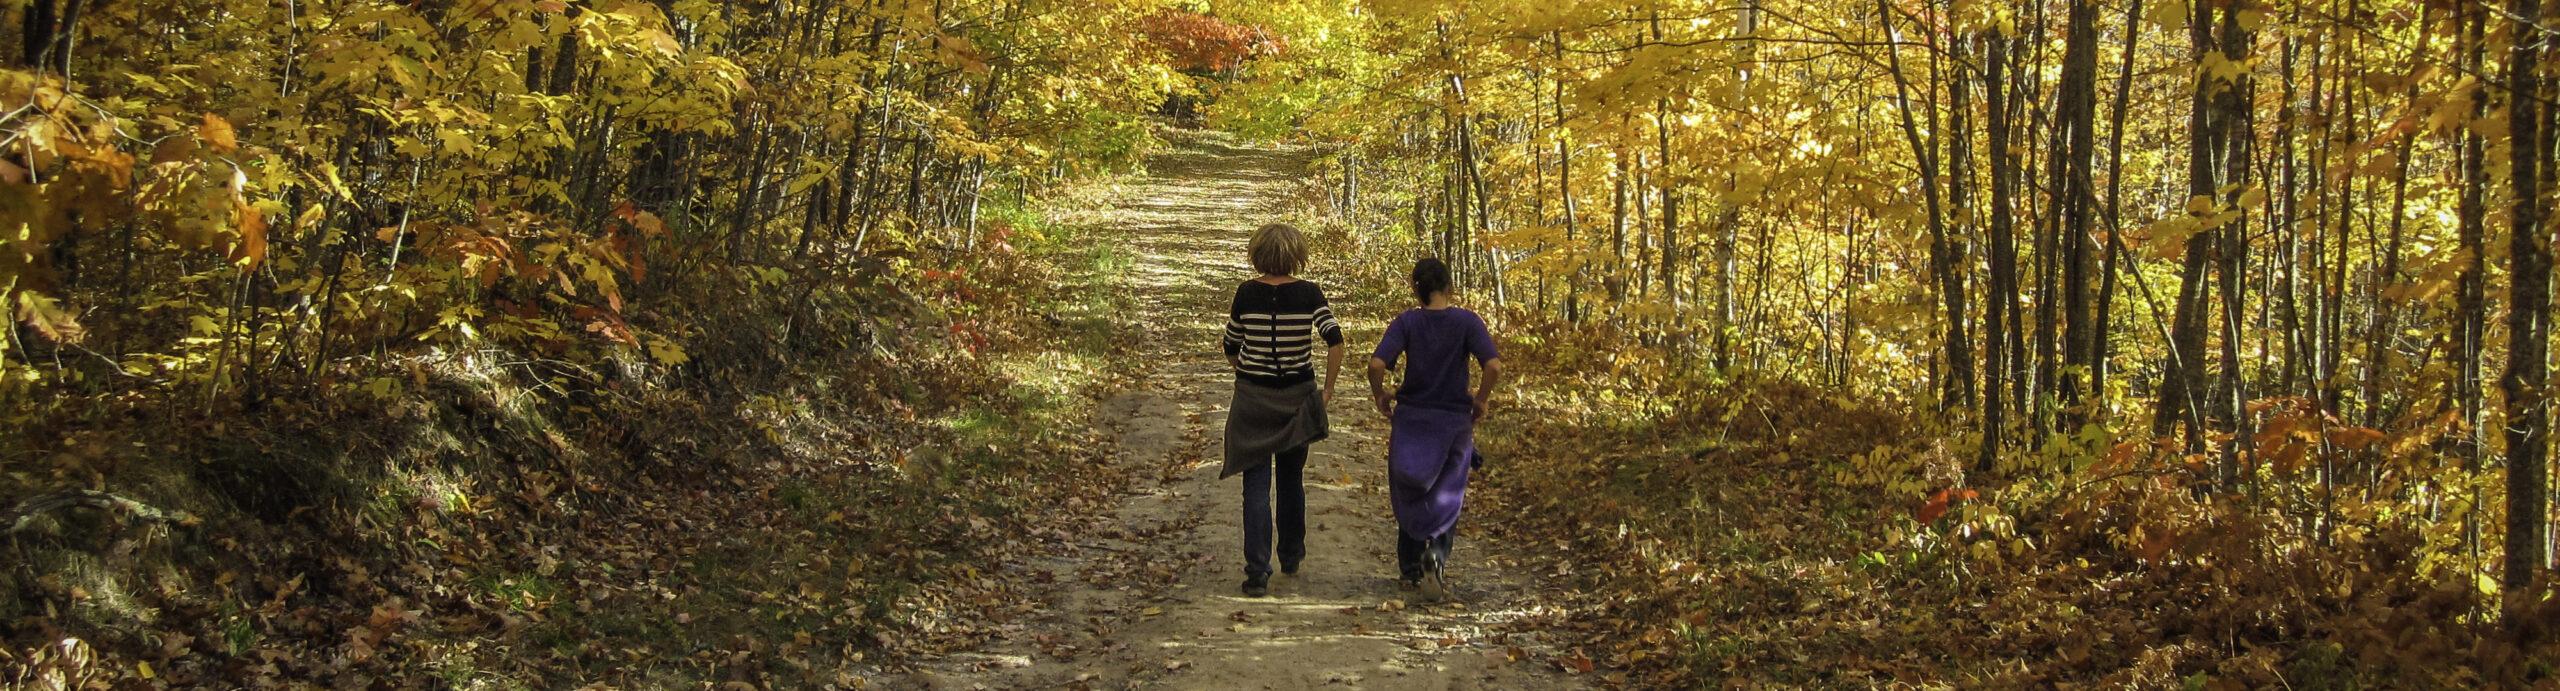 Fall Hikes near Leech Lake